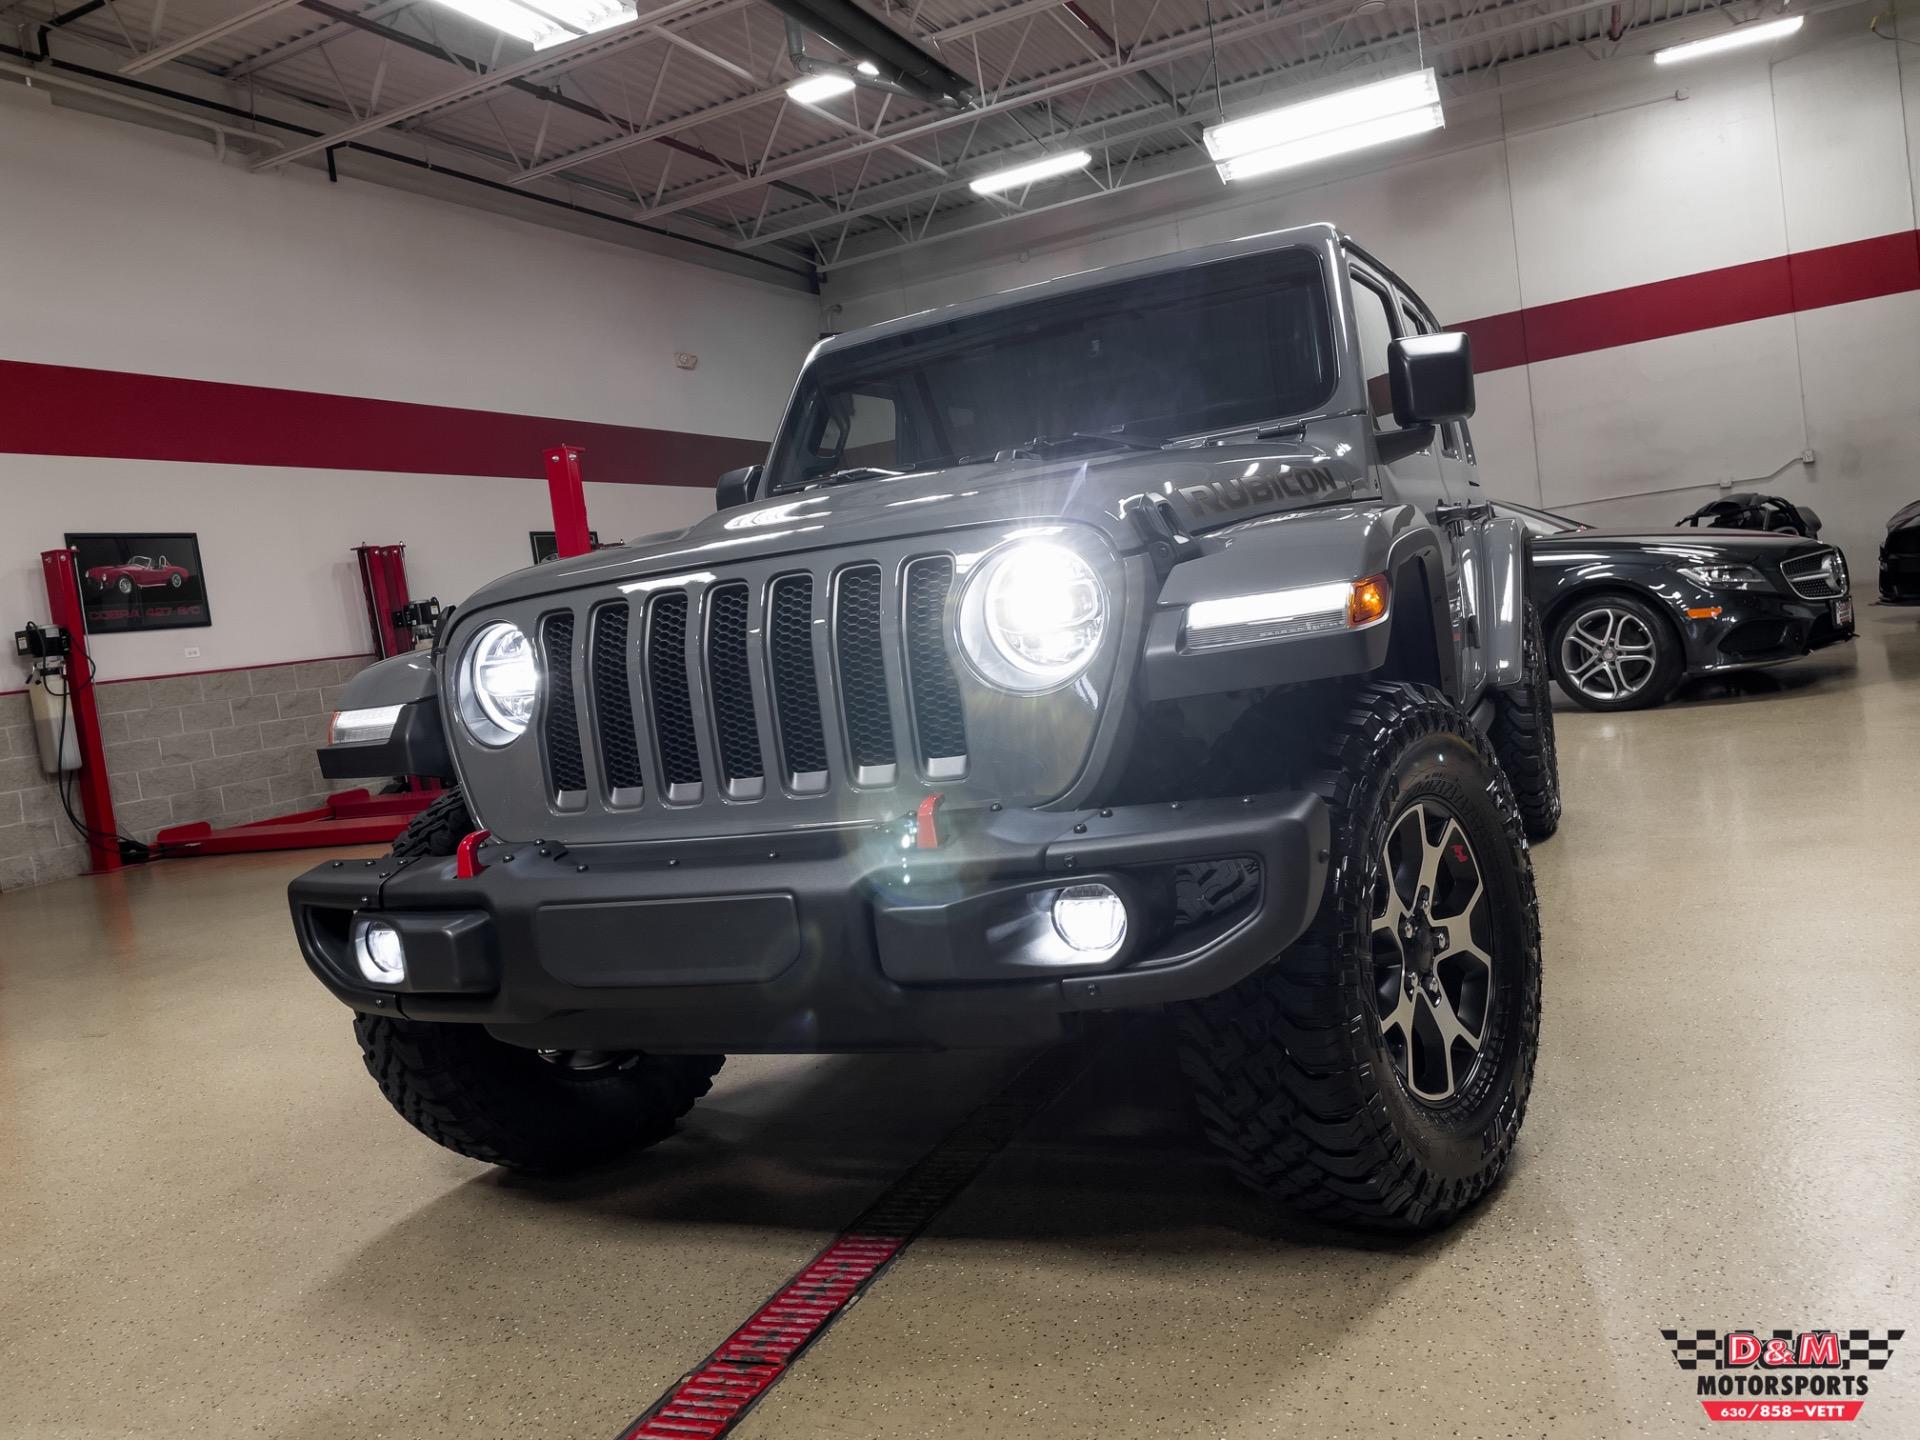 Used 2021 Jeep Wrangler Unlimited Rubicon | Glen Ellyn, IL